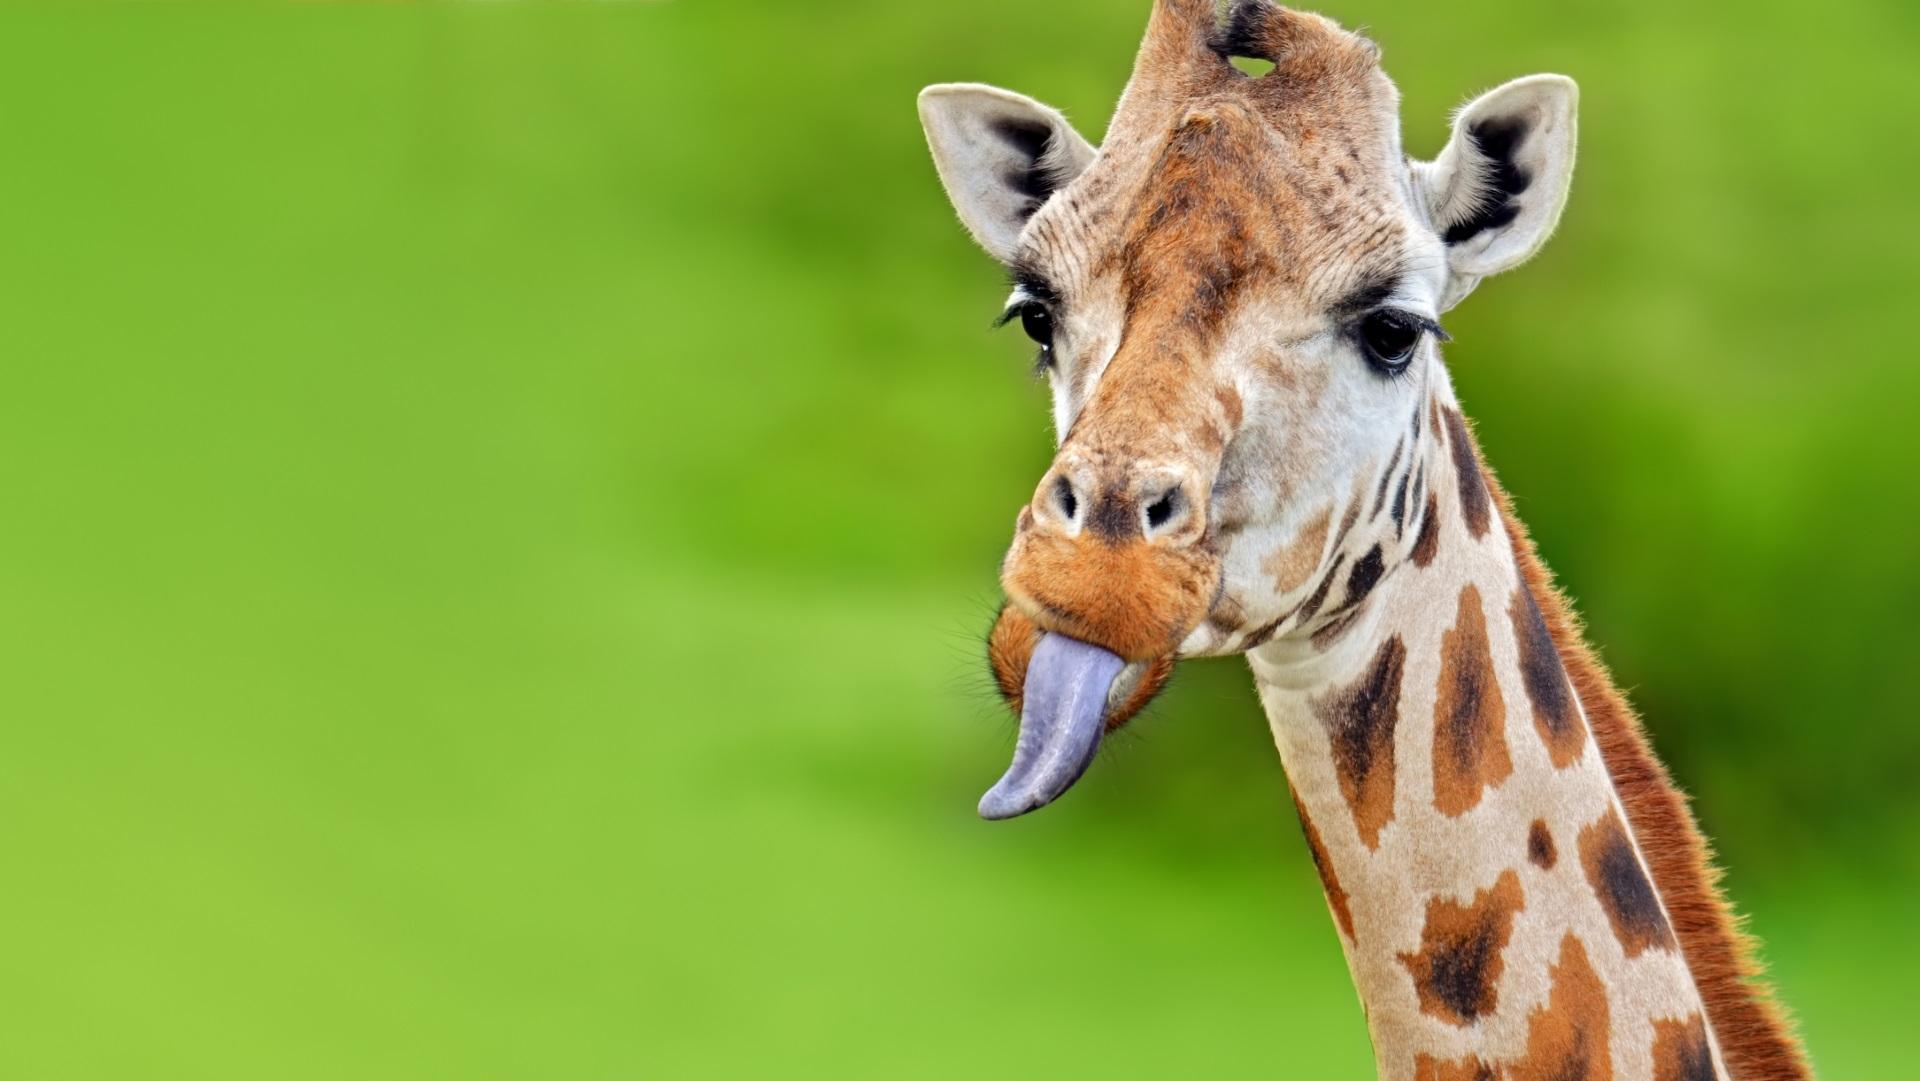 <p><strong>Лилав език</strong></p>  <p>Езикът на жирафа не само е дълъг и дебел, но и на цвят е в лилаво и черно. Това вероятно се дължи на допълнителния меланин, присъстващ в устните органи на жирафите. Меланинът действа като естествен слънцезащитен крем и помага за защита на езика, който се използва през целия ден за събиране на растения и листа.</p>